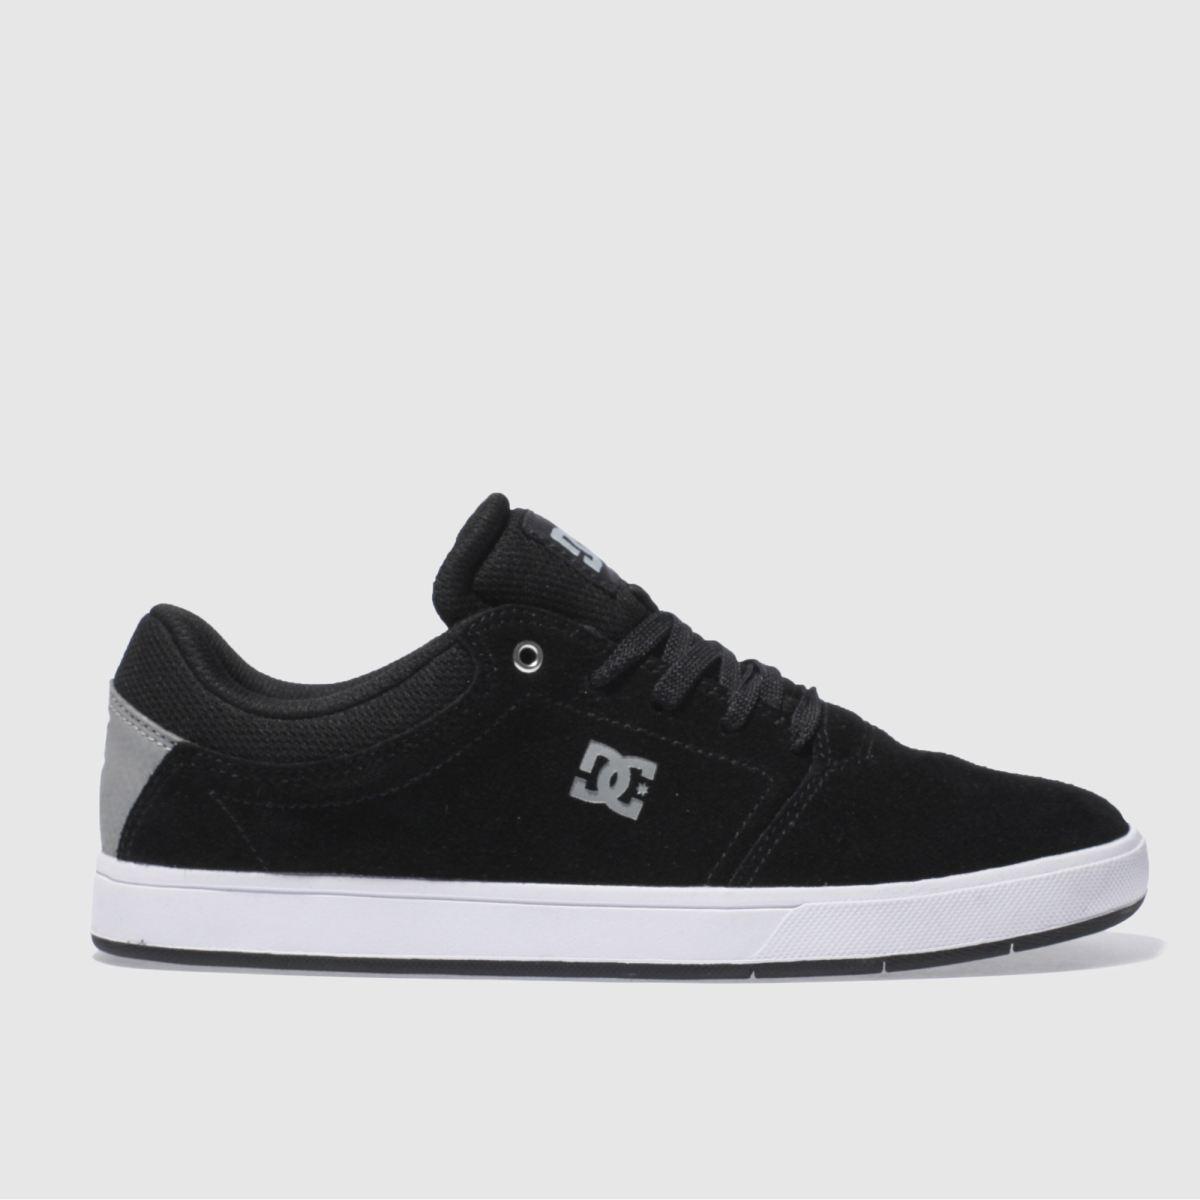 dc shoes Dc Shoes Black & Grey Crisis Trainers